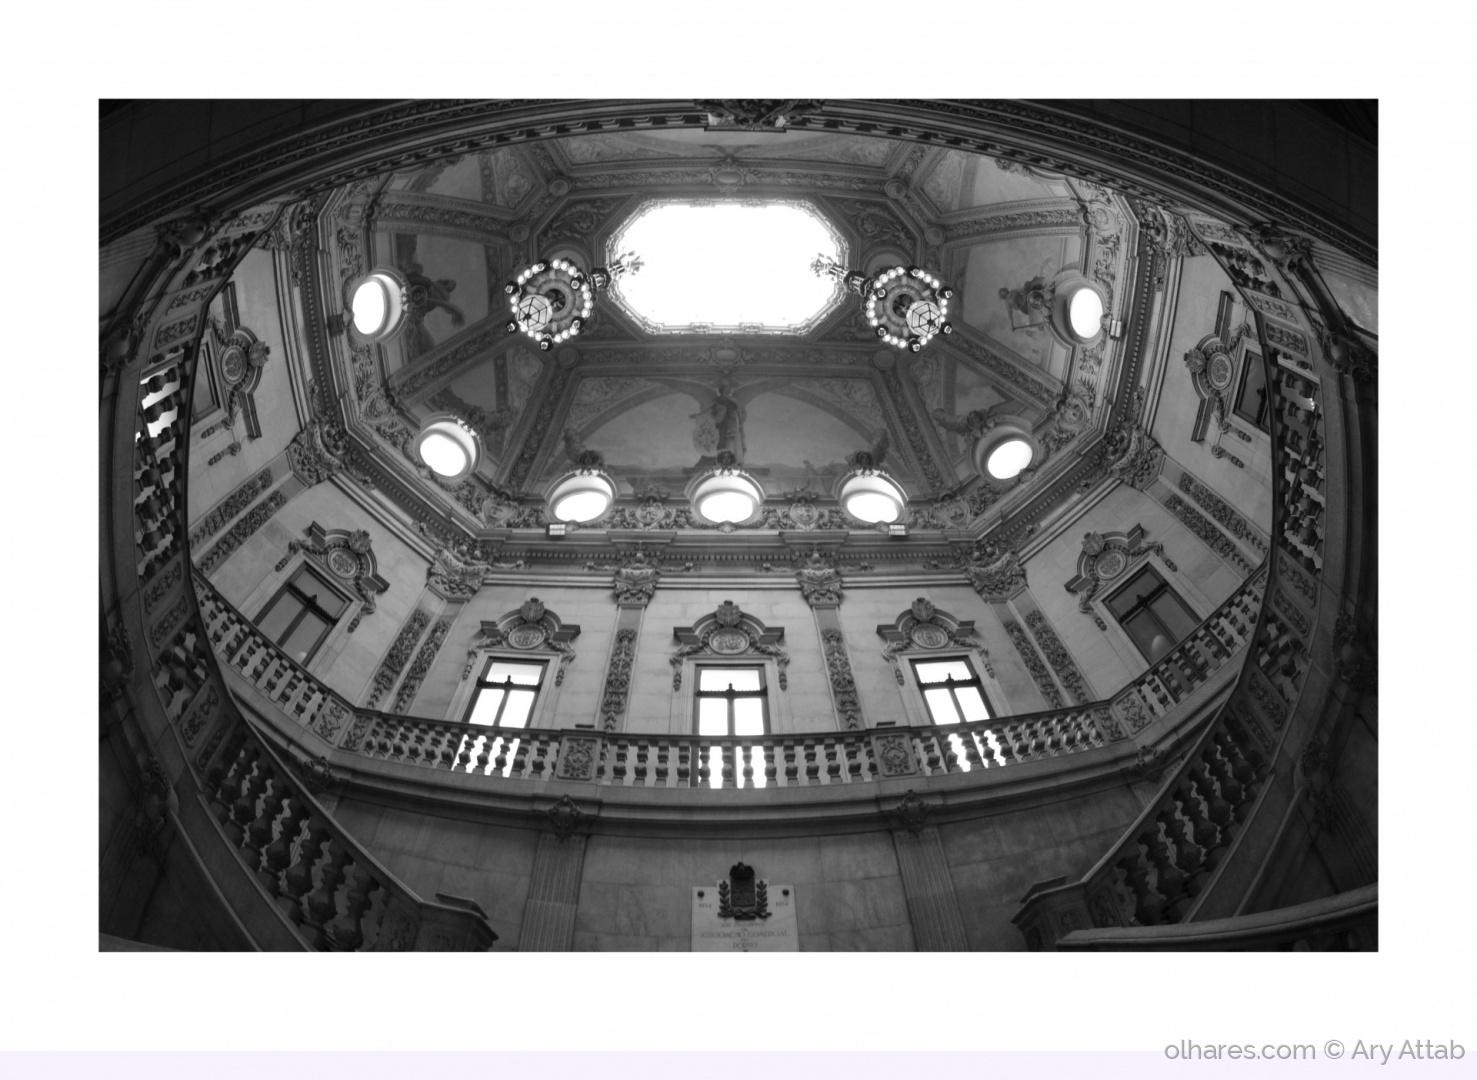 Arquitetura/Palácio da Bolsa